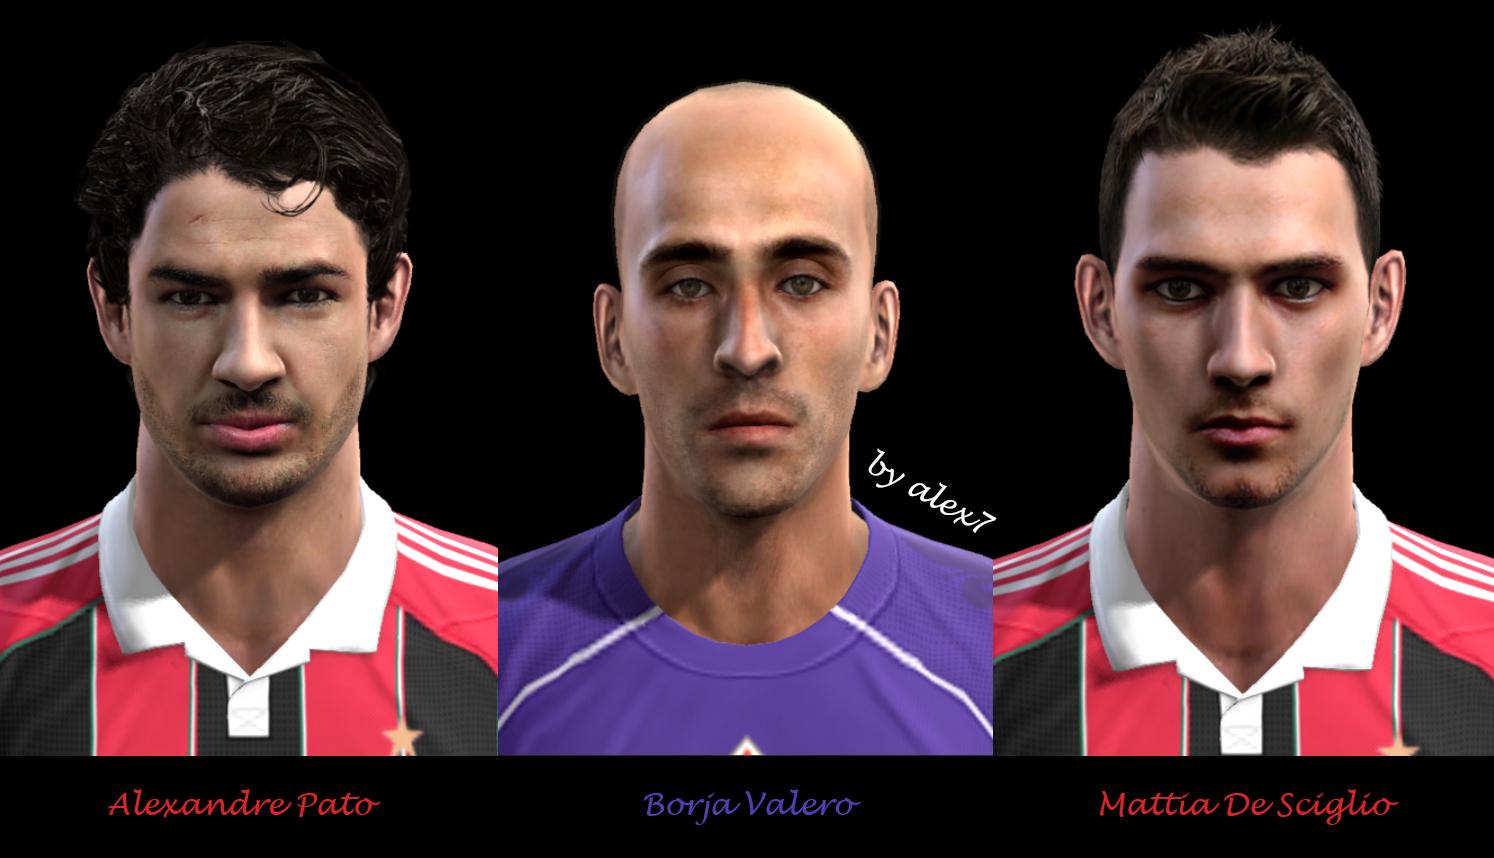 Alexandre Pato, Borja Valero e Mattia De Sciglio Faces - PES 2013